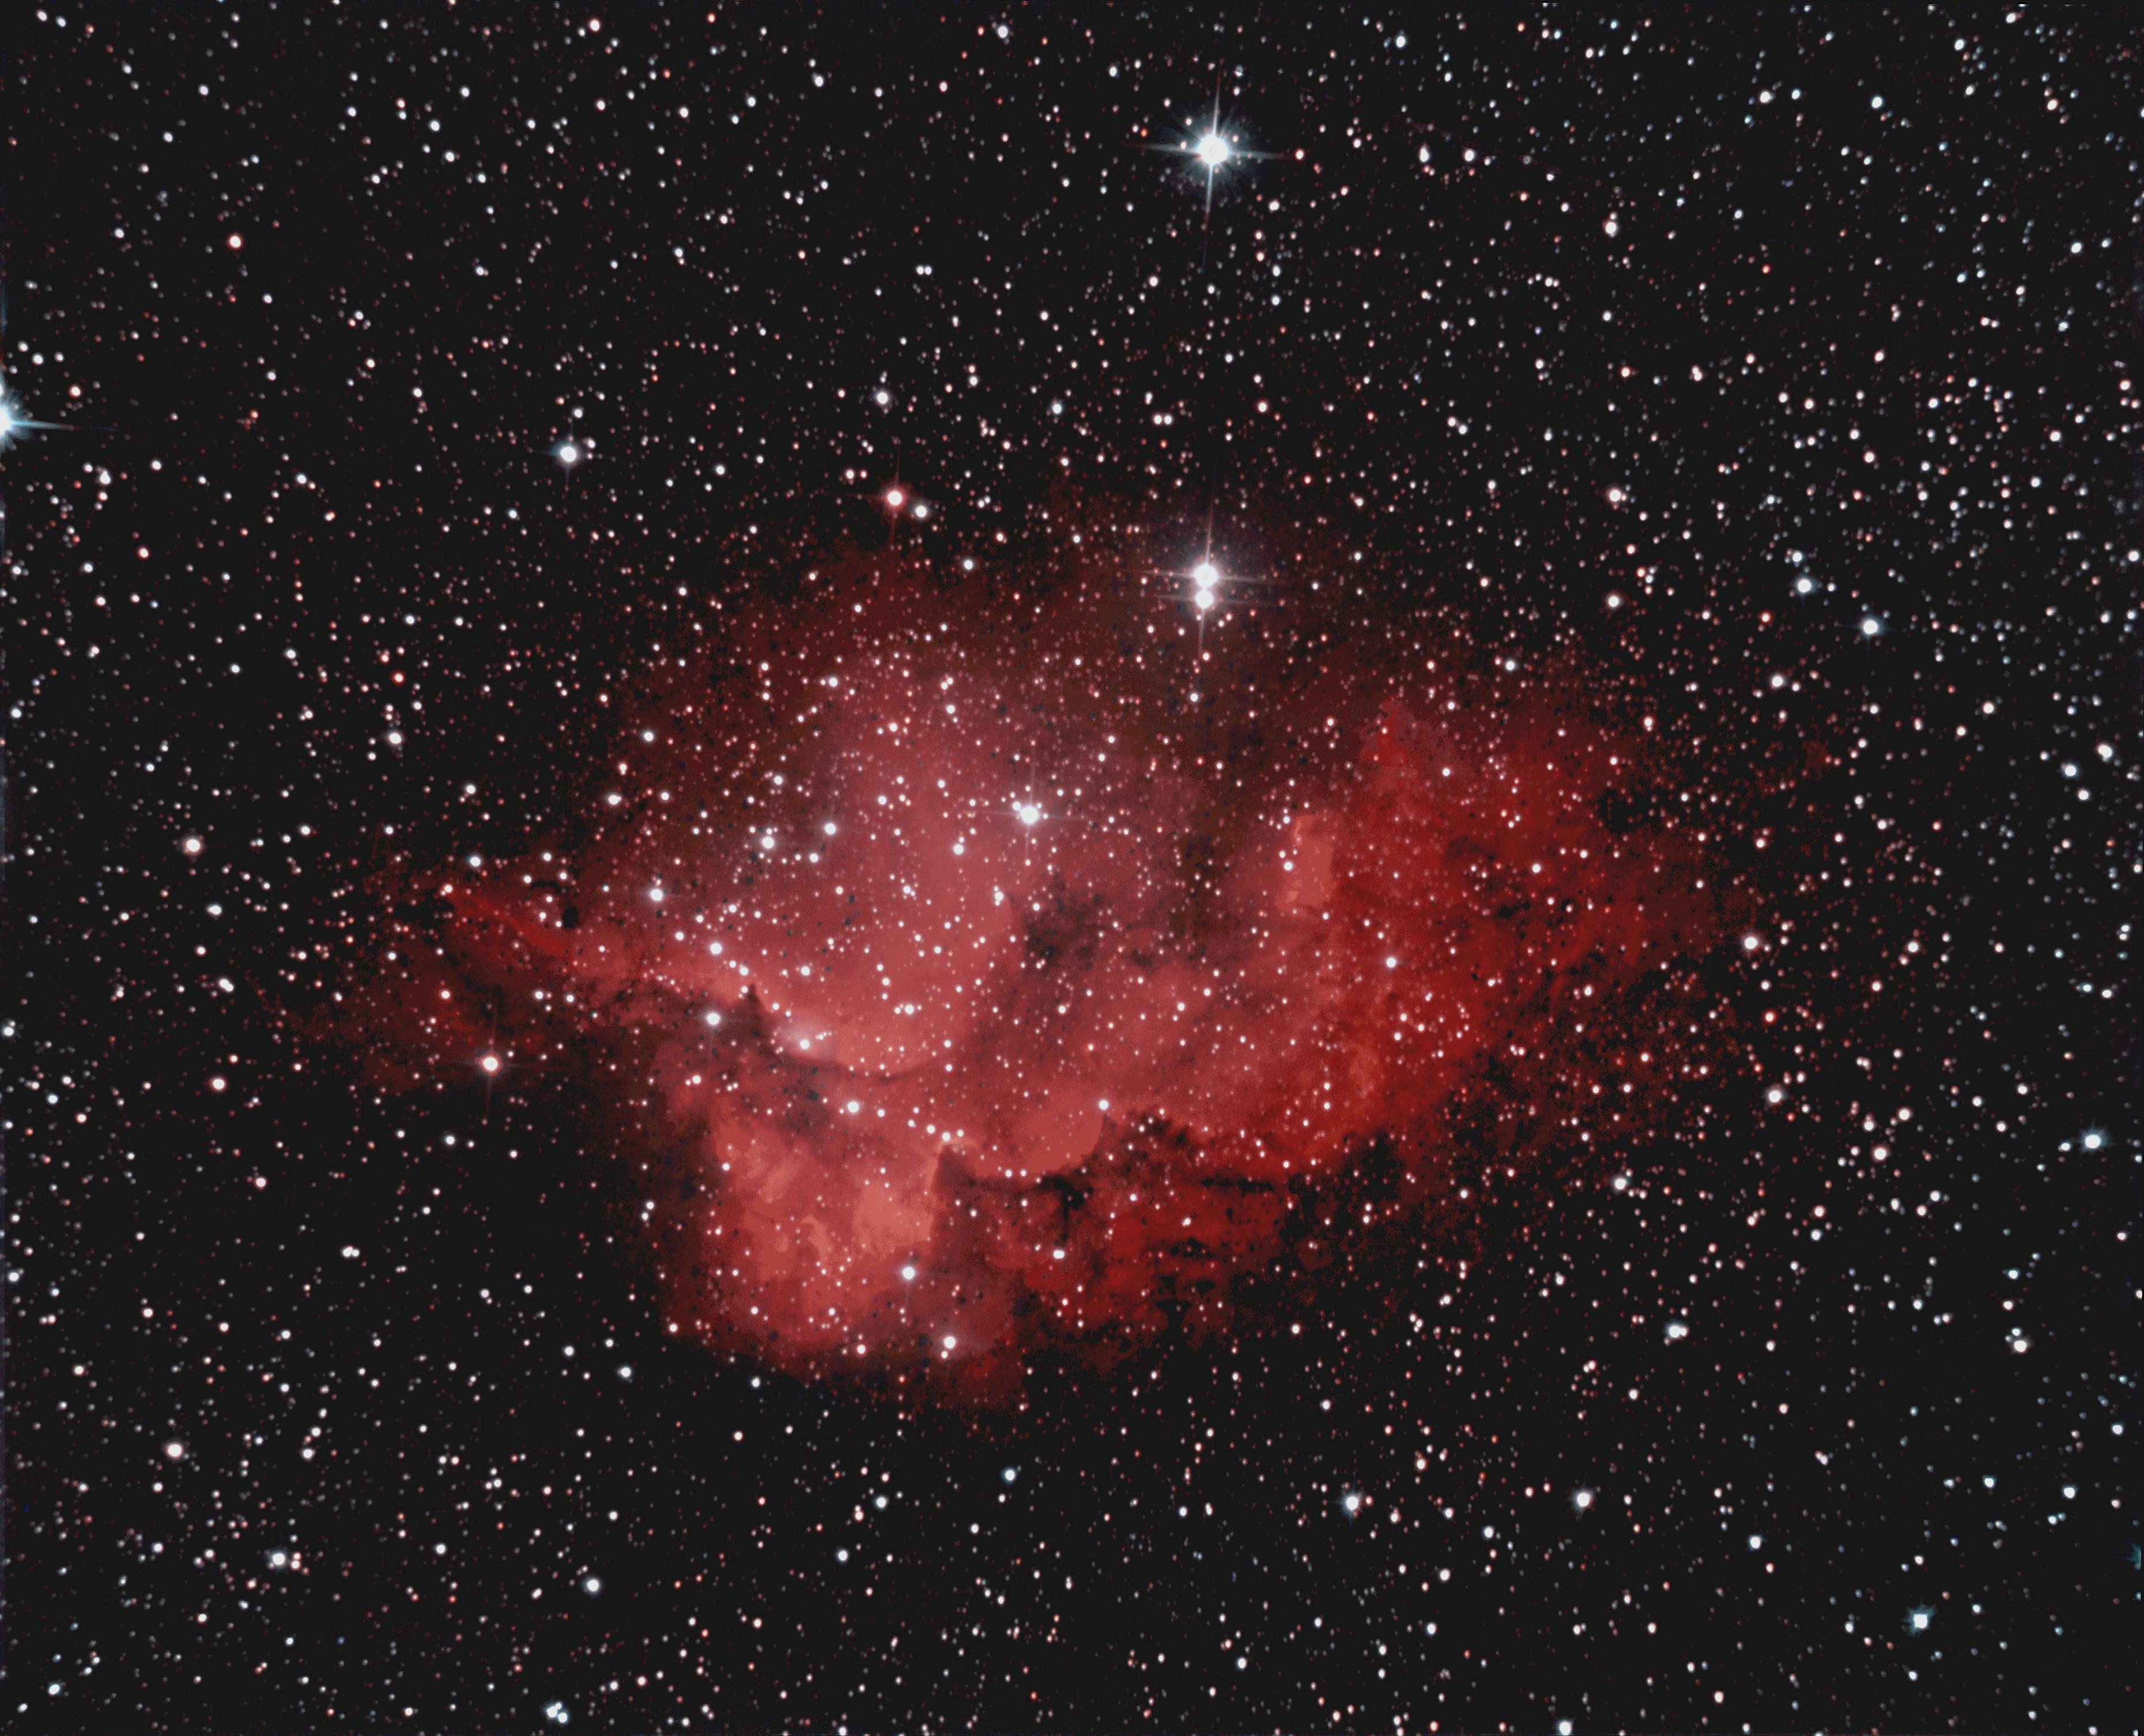 La neuleuse du Sorcier (NGC 7380)